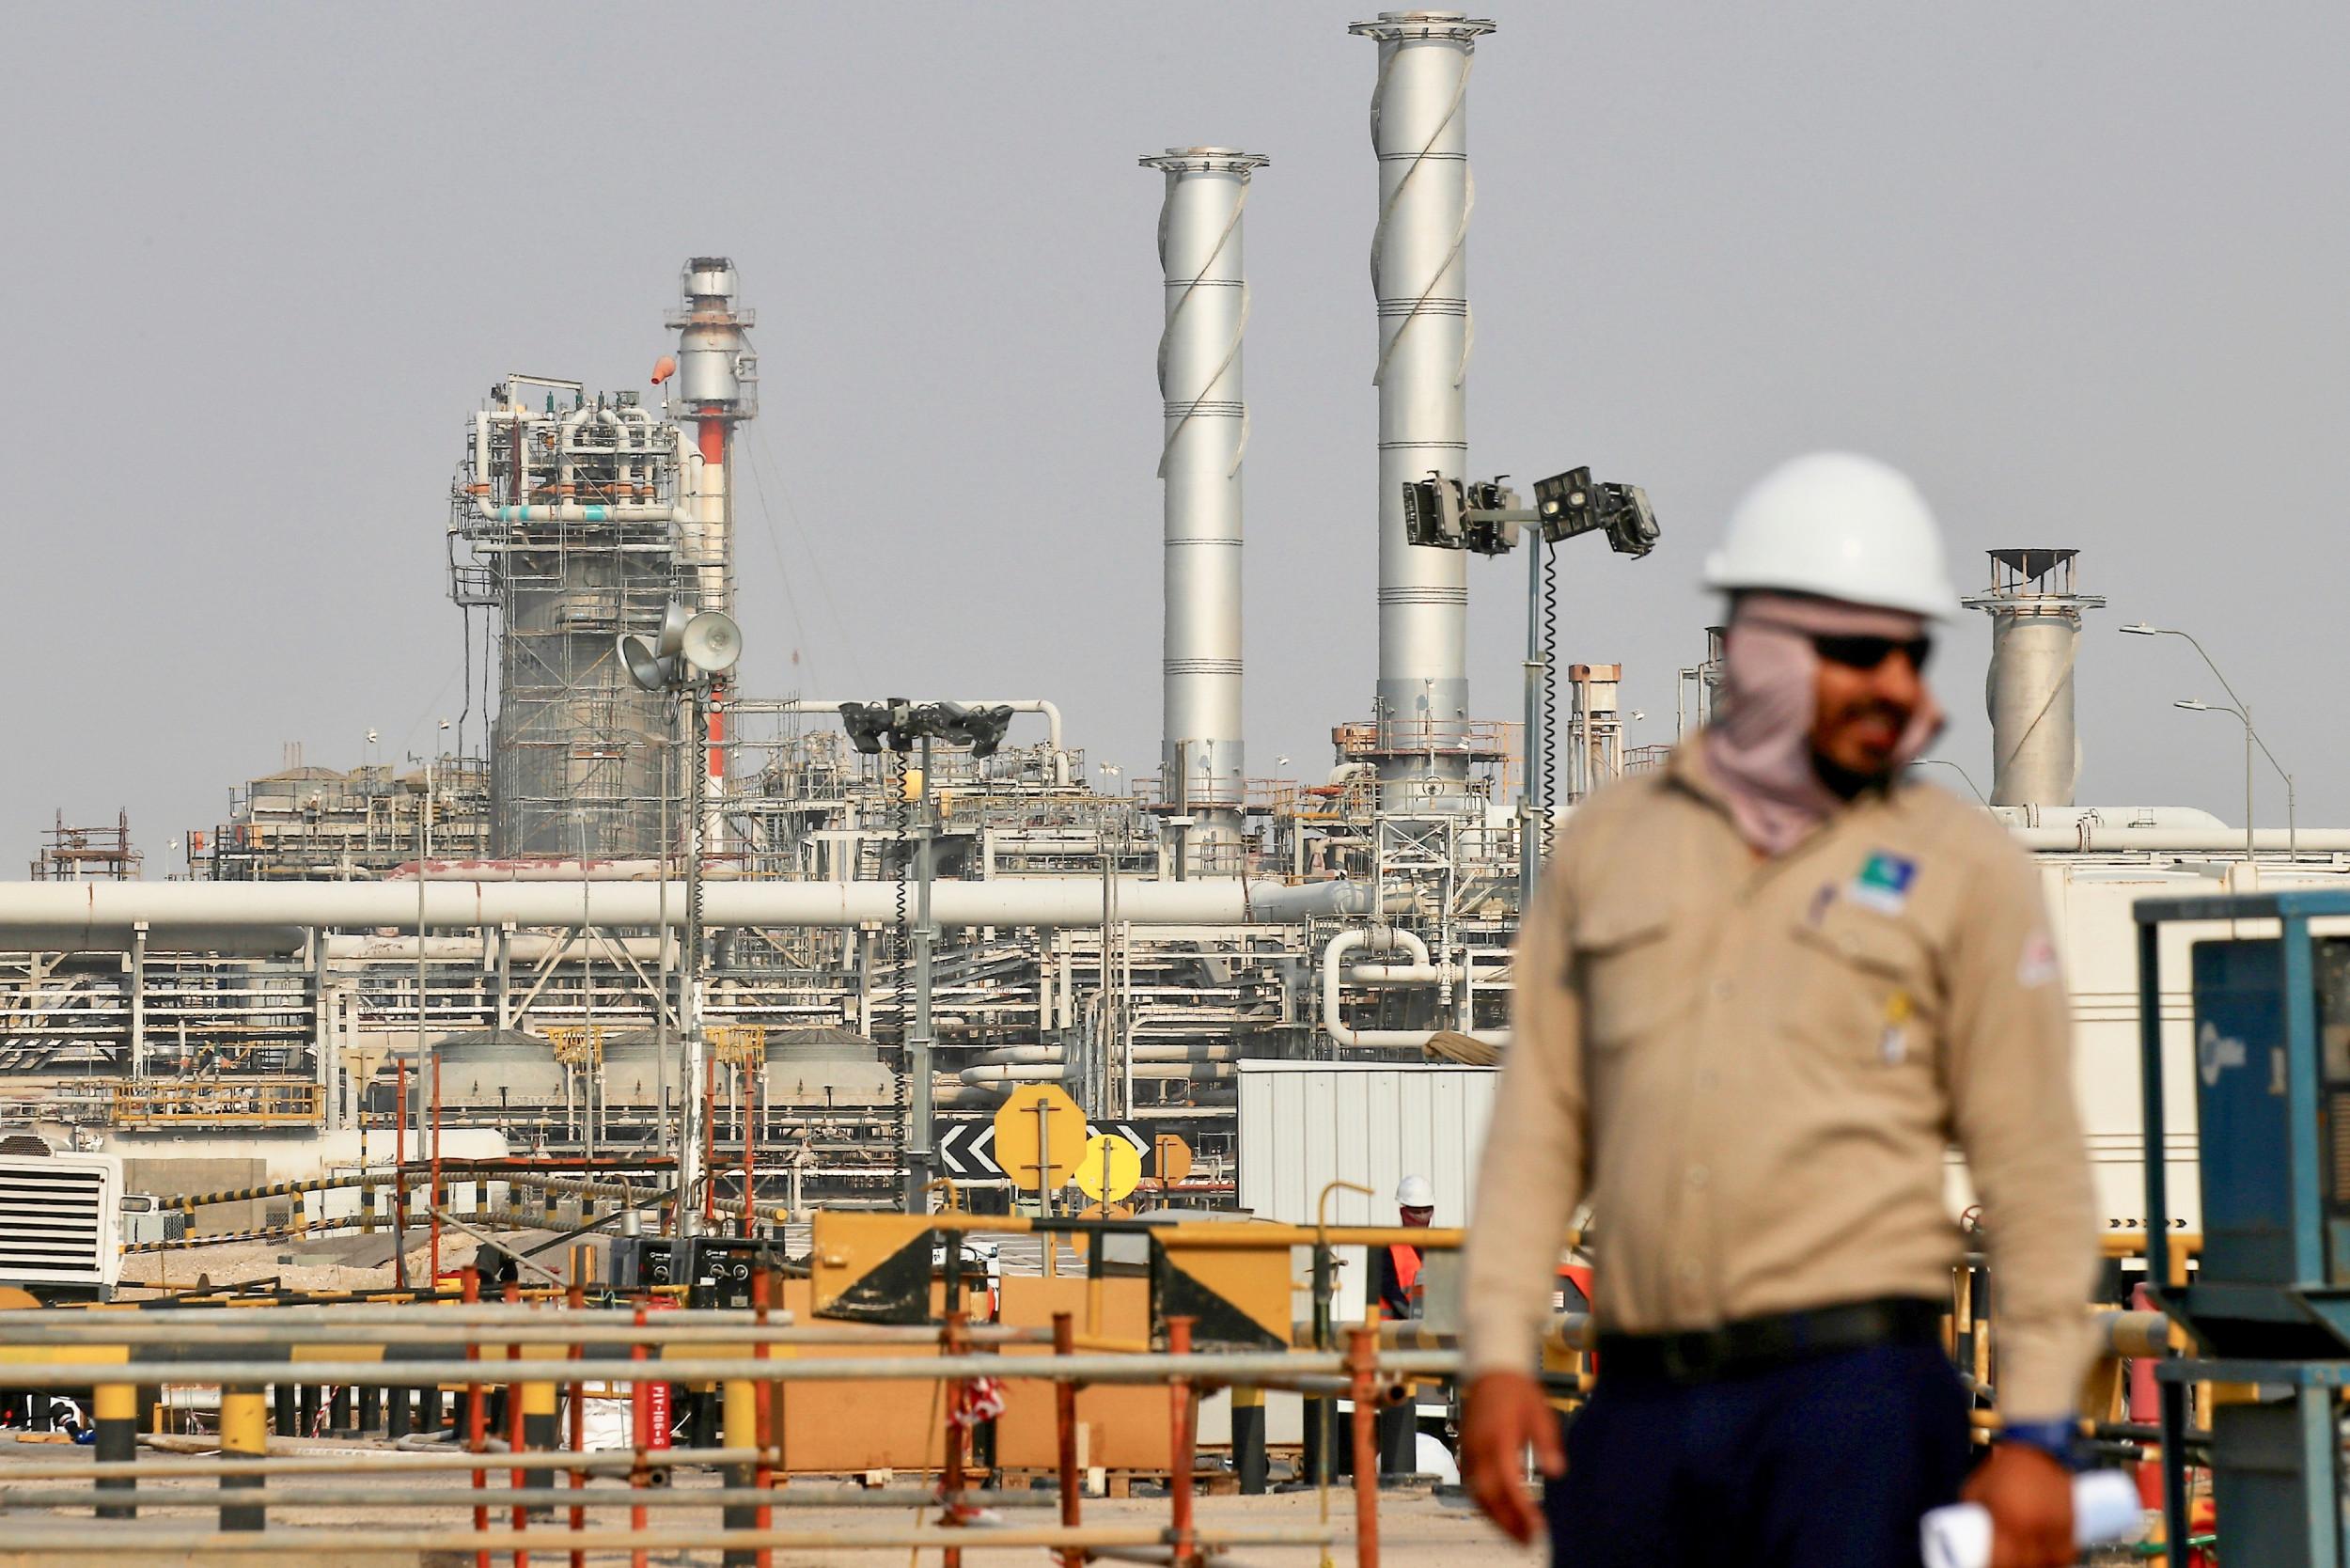 Radnik stoji ispred postrojenja naftne kompanije Saudi Aramko (Foto: Reuters)